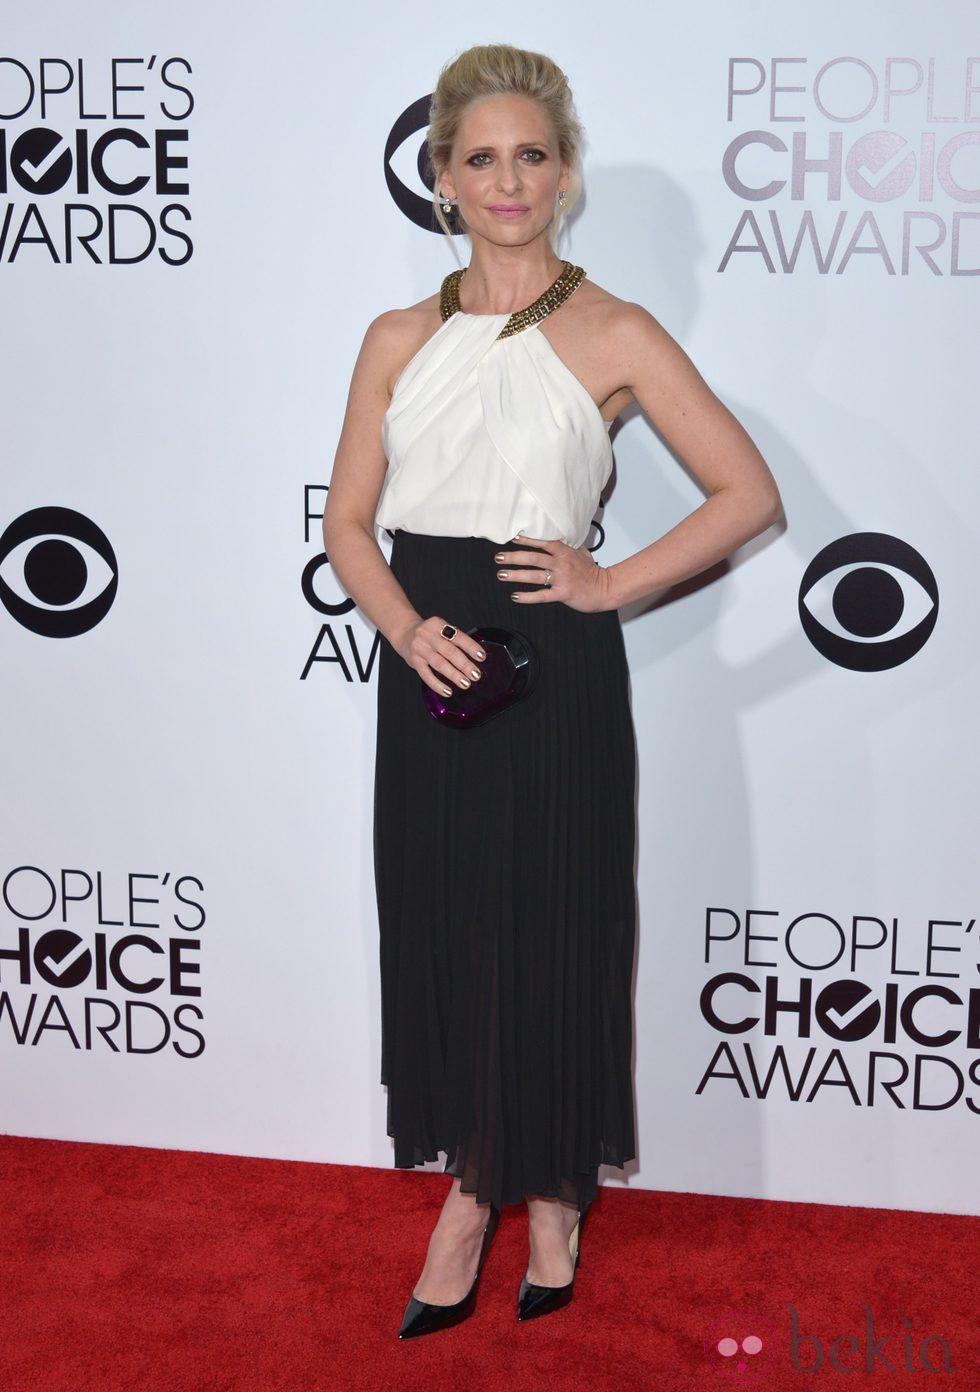 Sarah Michelle Gellar en la alfombra roja de los People's Choice Awards 2014